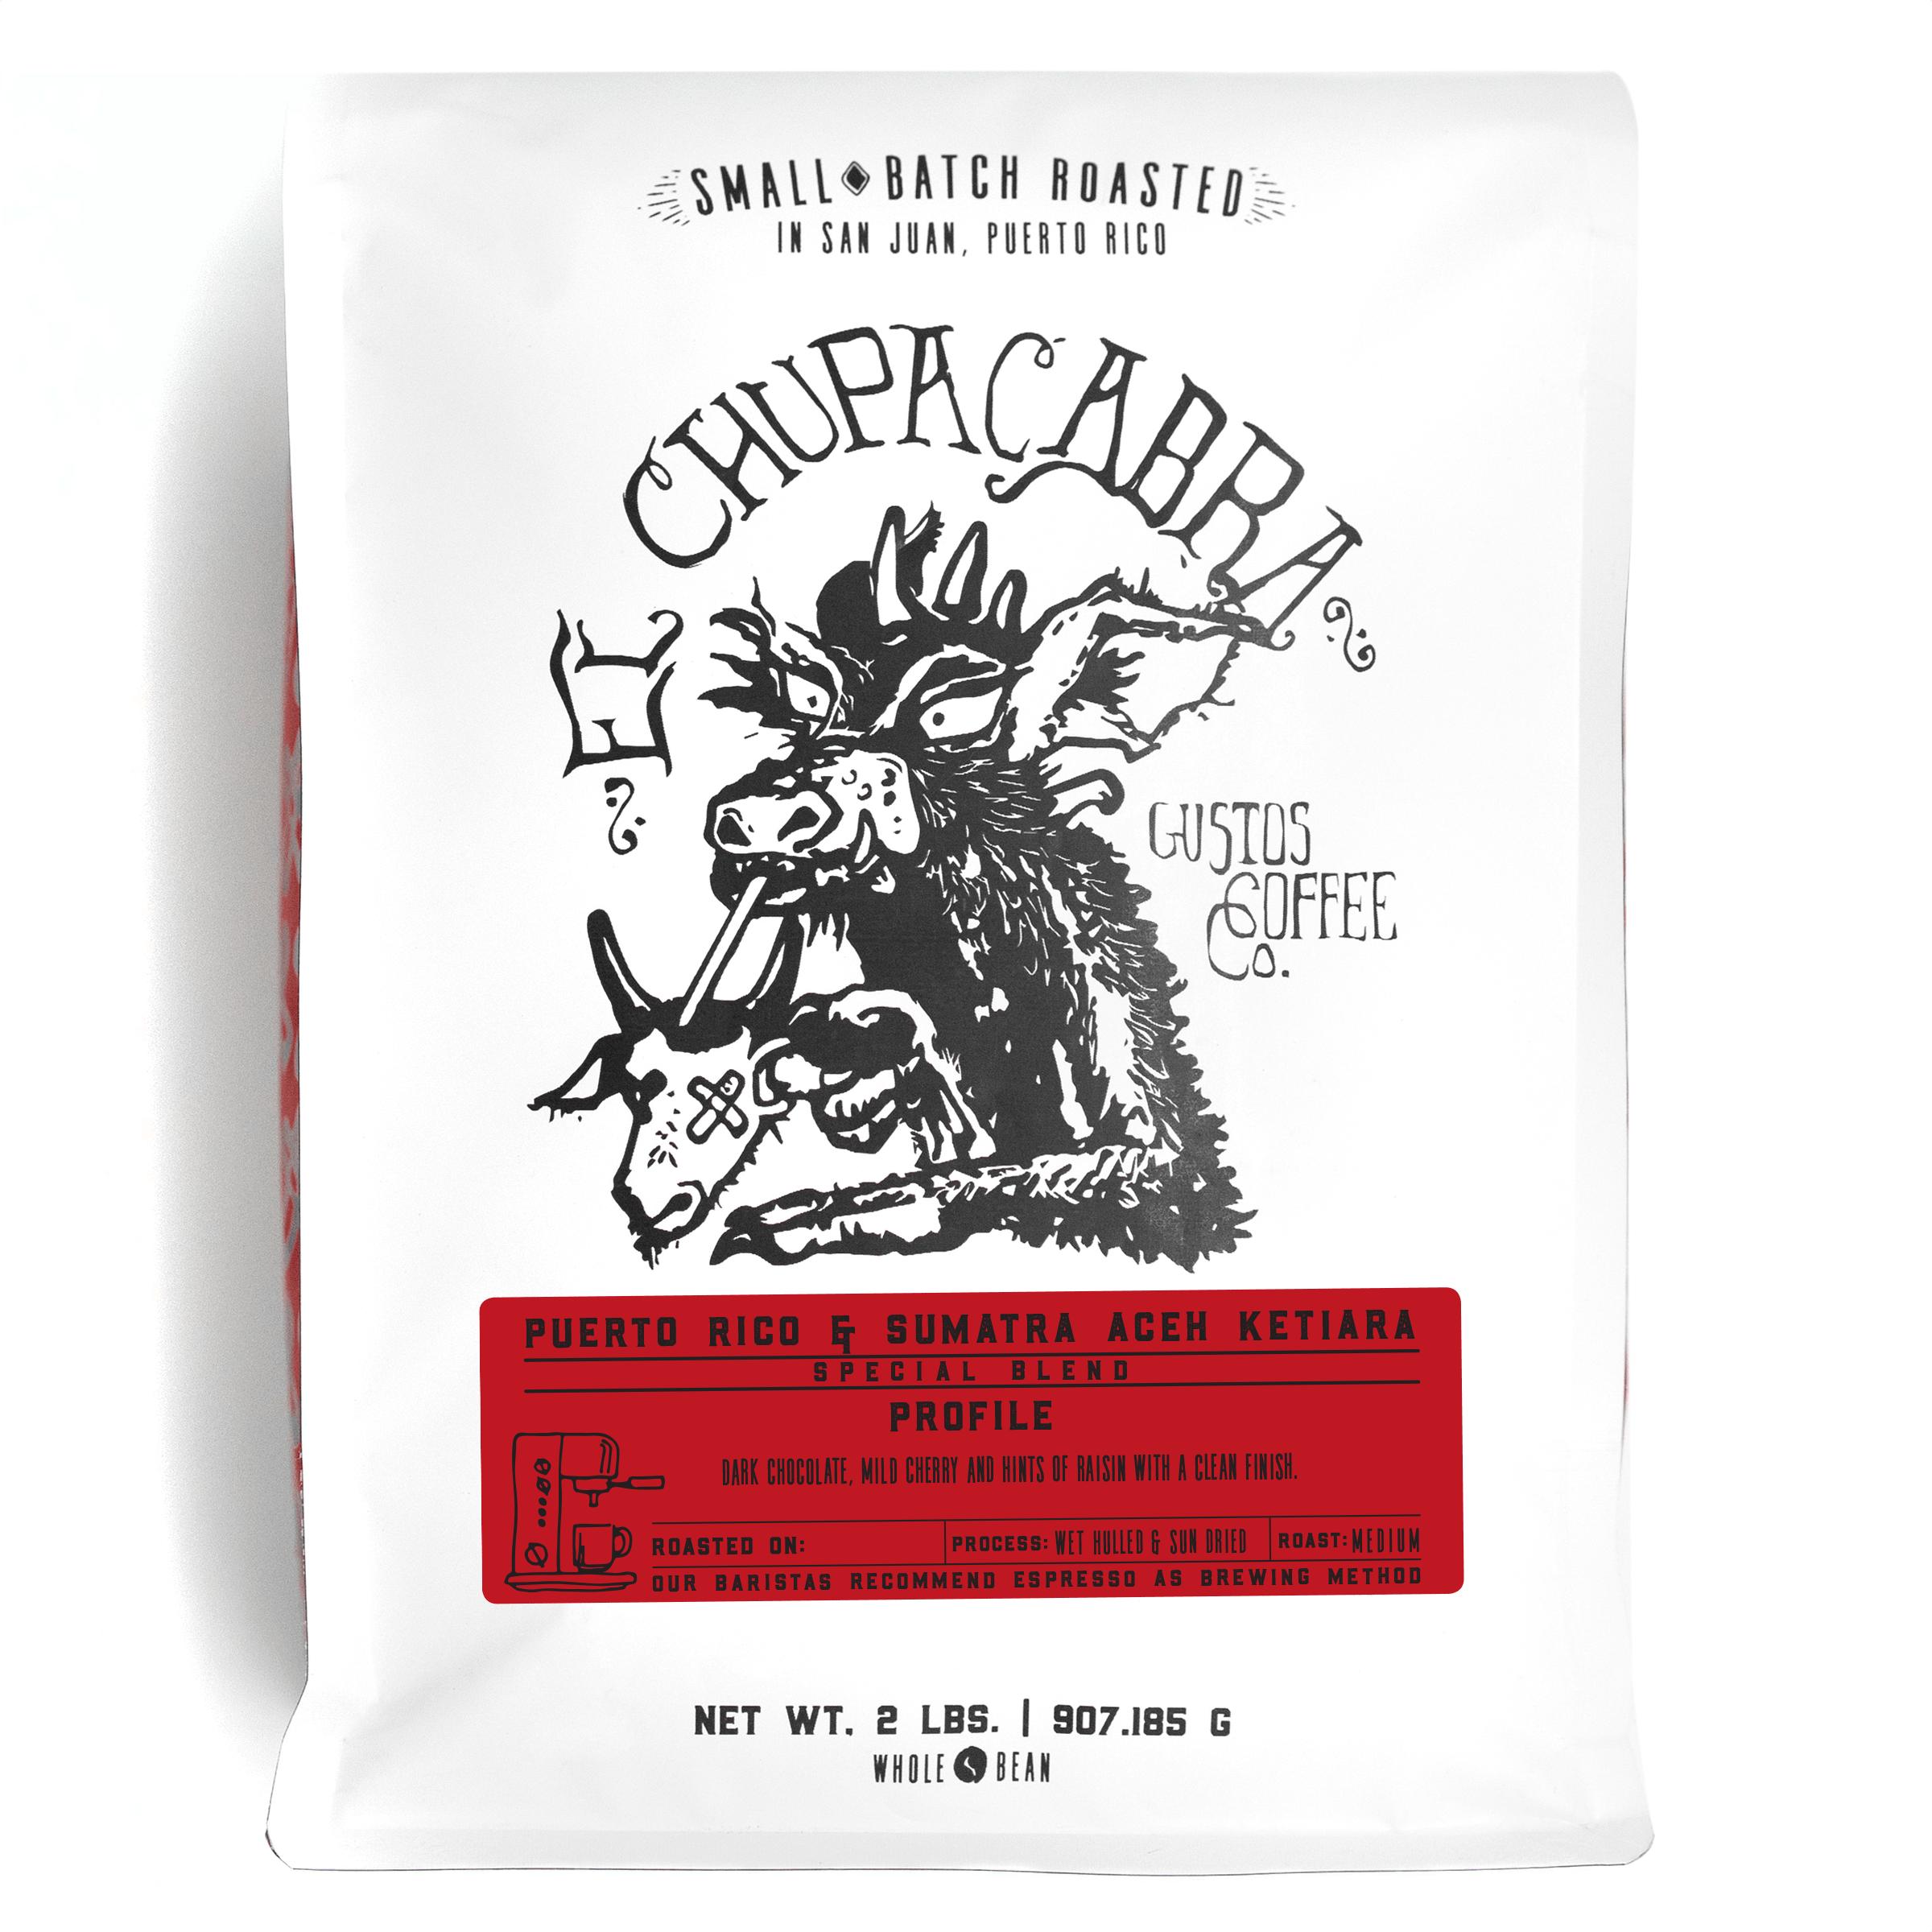 El Chupacabra Yauco Puerto Rico x Sumatra Aceh Ketiara Gustos Coffee Co